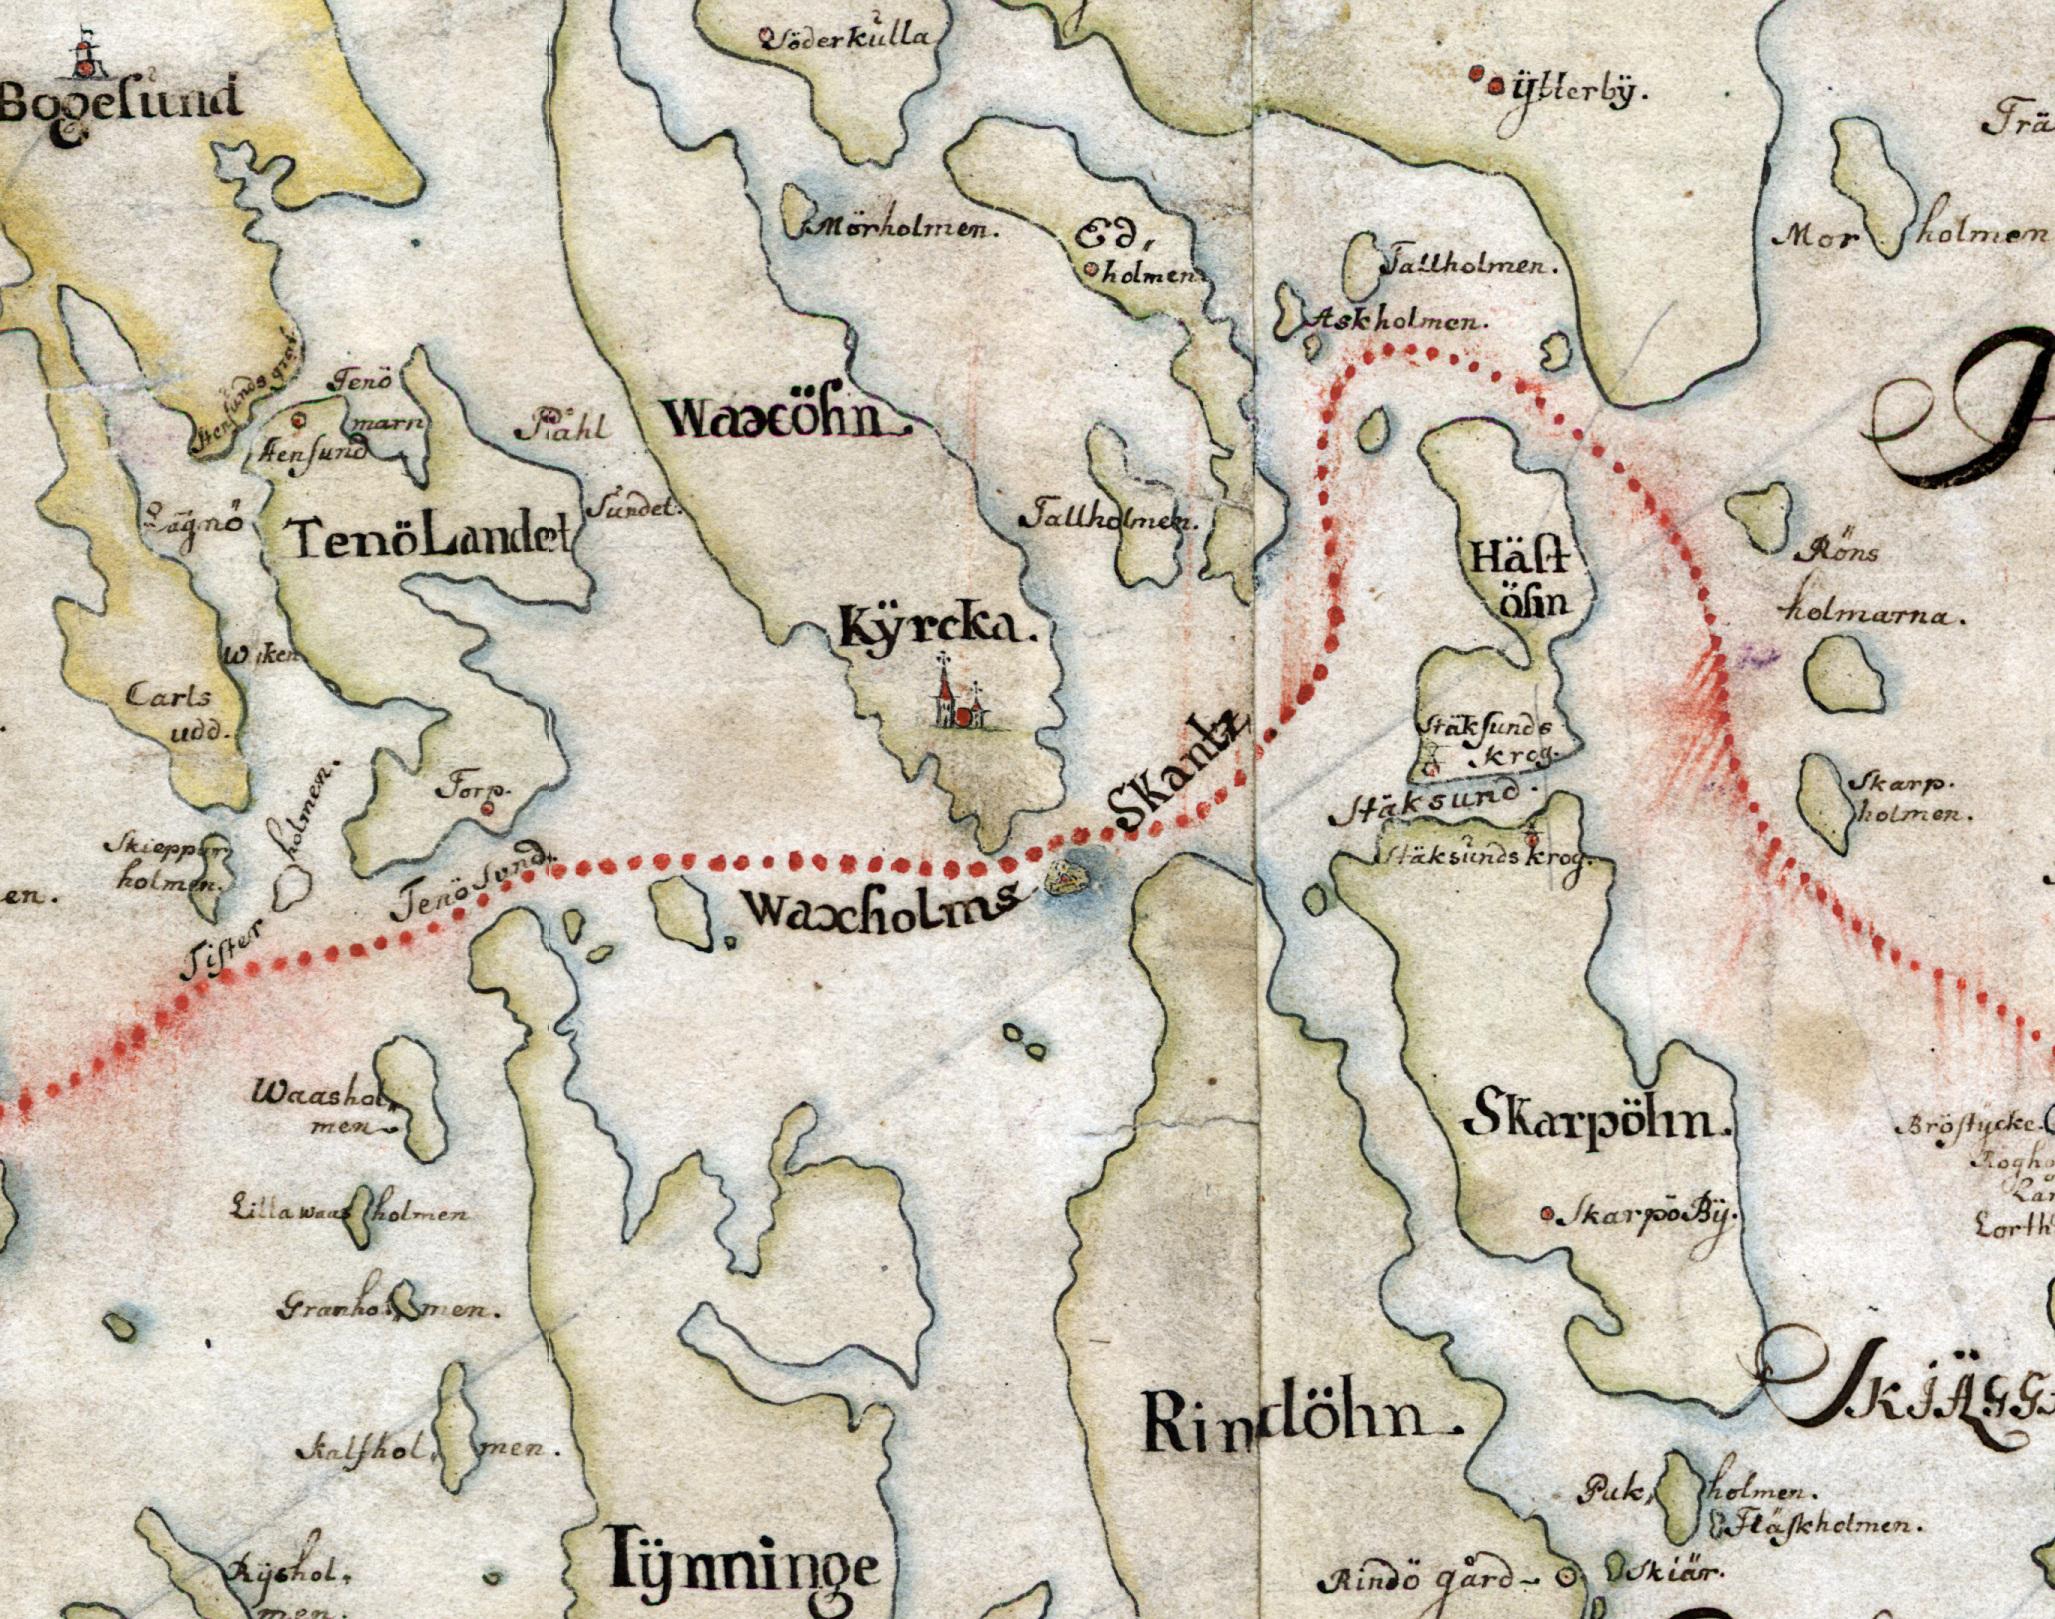 Stegesundet var smalt och grunt redan på 1600-talet, så de större fartygen tog farleden via Kodjupet. Detalj ur Carl Gripenhielms skärgårdskarta från 1690-talet. Väderstrecken är förvridna.